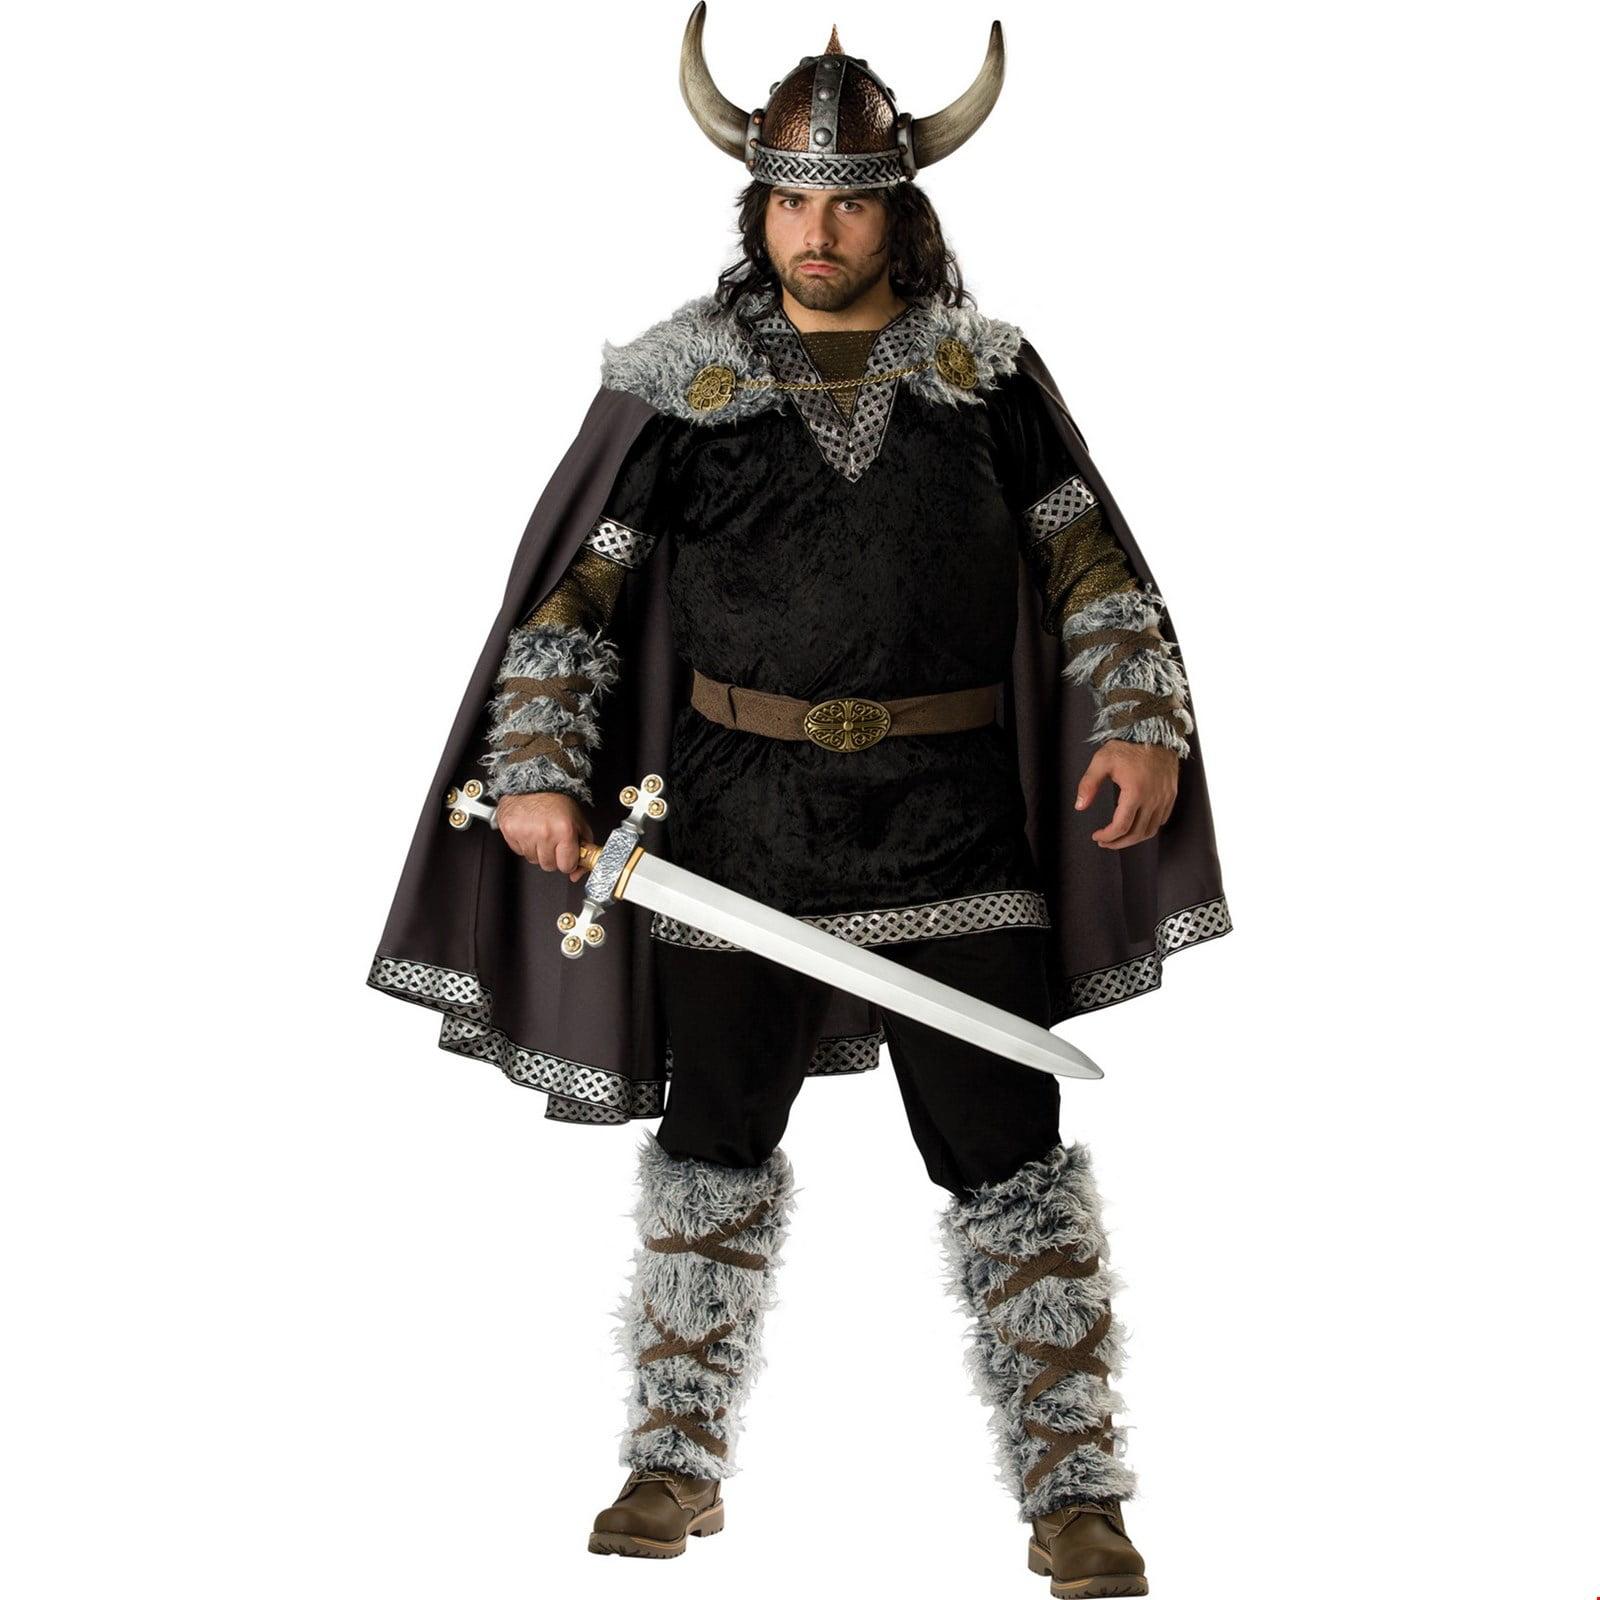 K-Ren Costume Halloween Deluxe Knights Cospaly Costume Adult